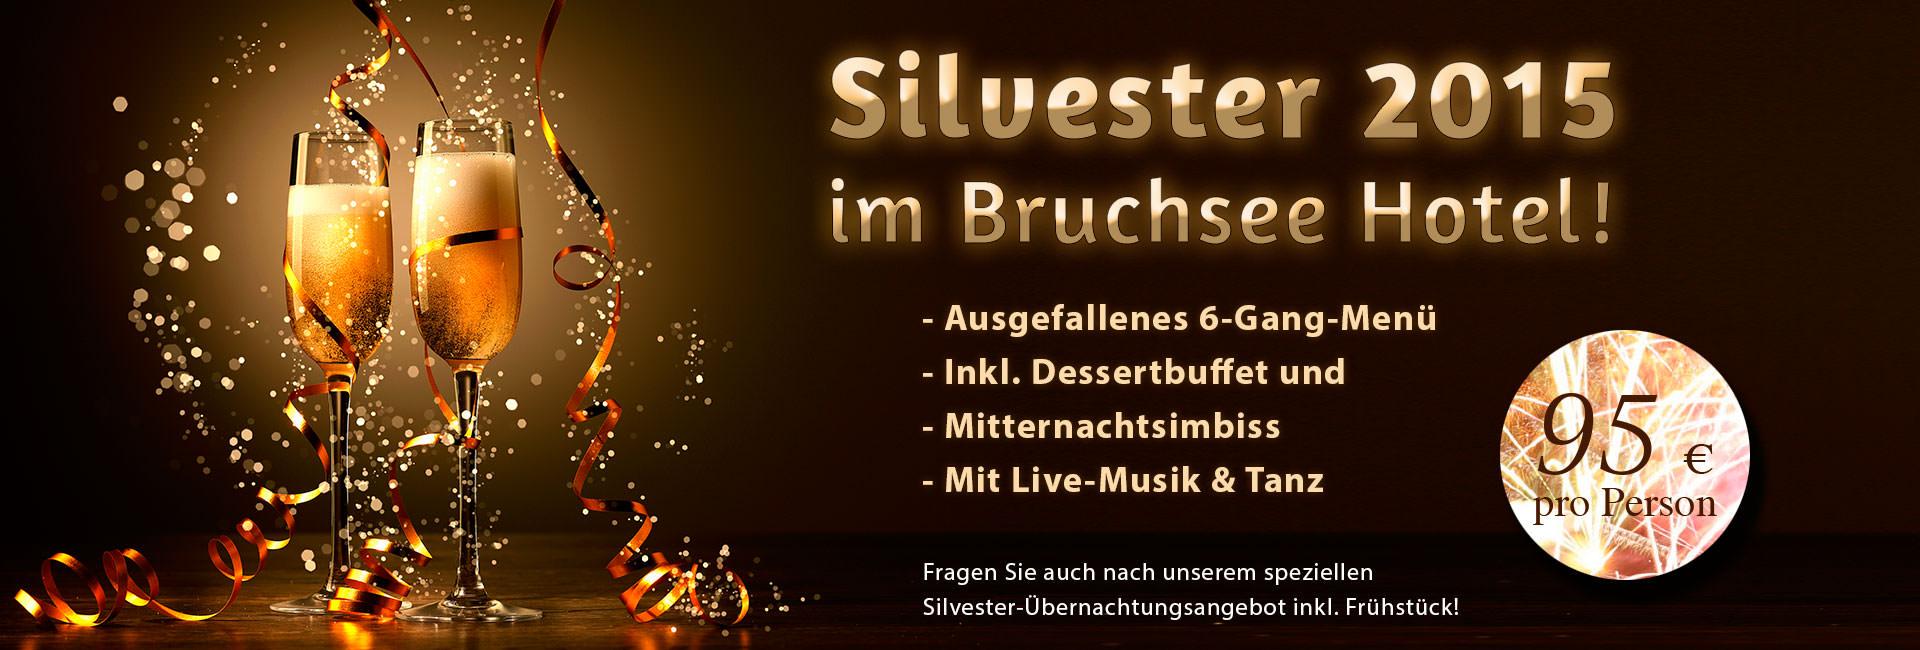 bruchseehotel-silvester-slider_1